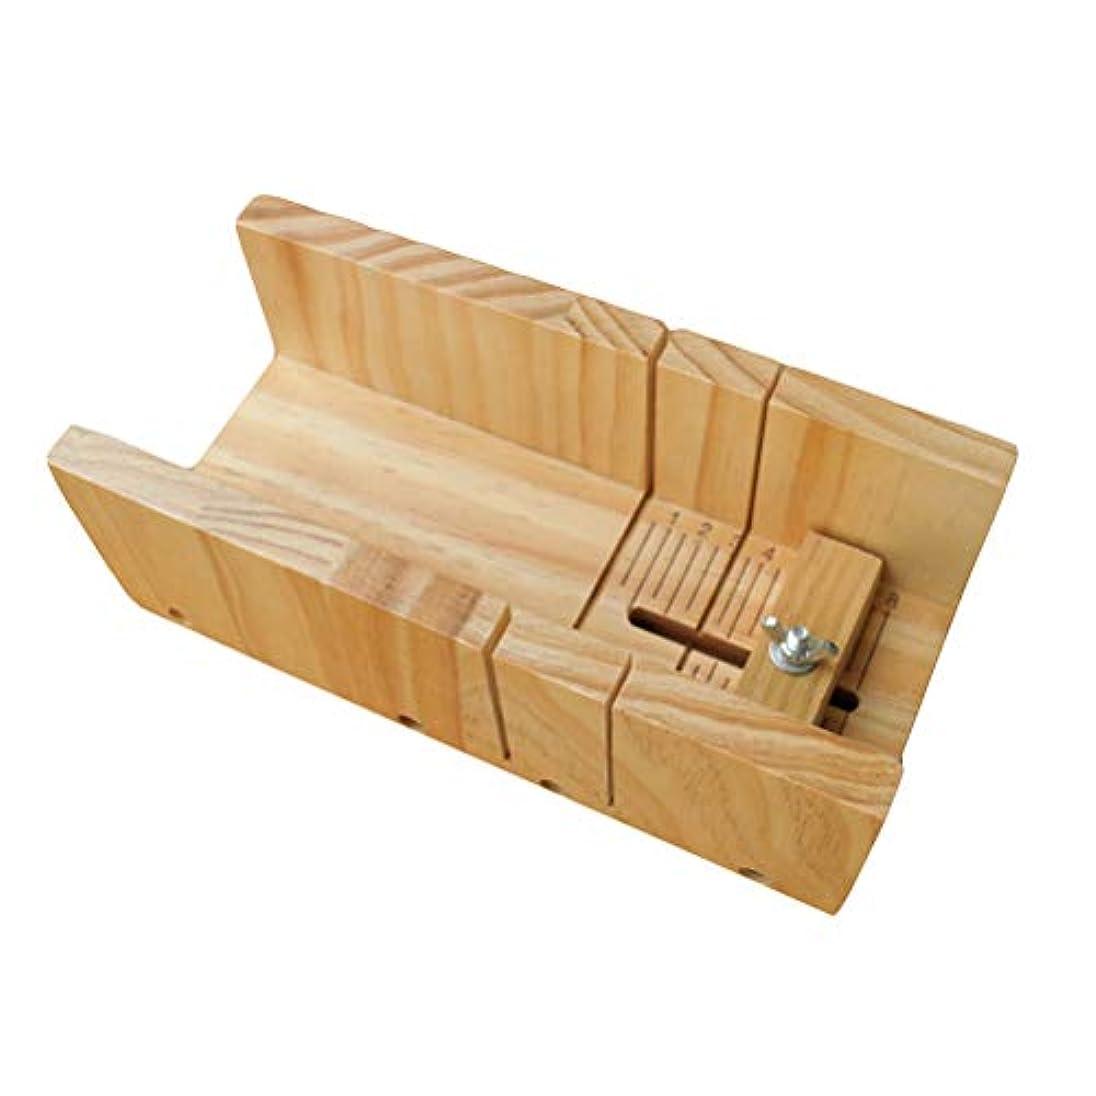 エーカー右摂氏度SUPVOX ウッドソープローフカッター金型調整可能カッター金型ボックスソープ作りツール(ウッドカラー)